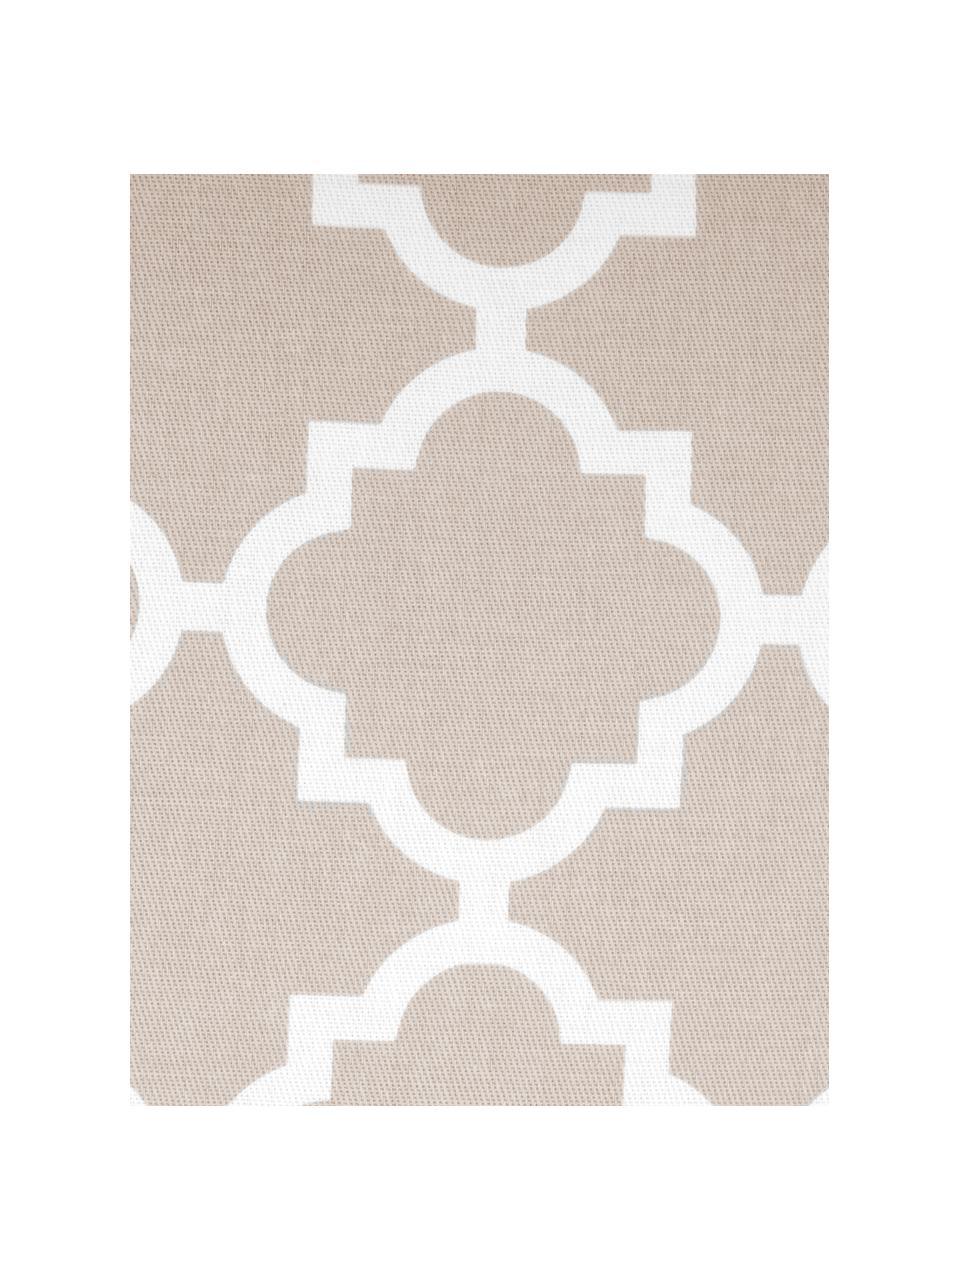 Kussenhoes Lana in beige met grafisch patroon, 100% katoen, Beige, wit, 45 x 45 cm